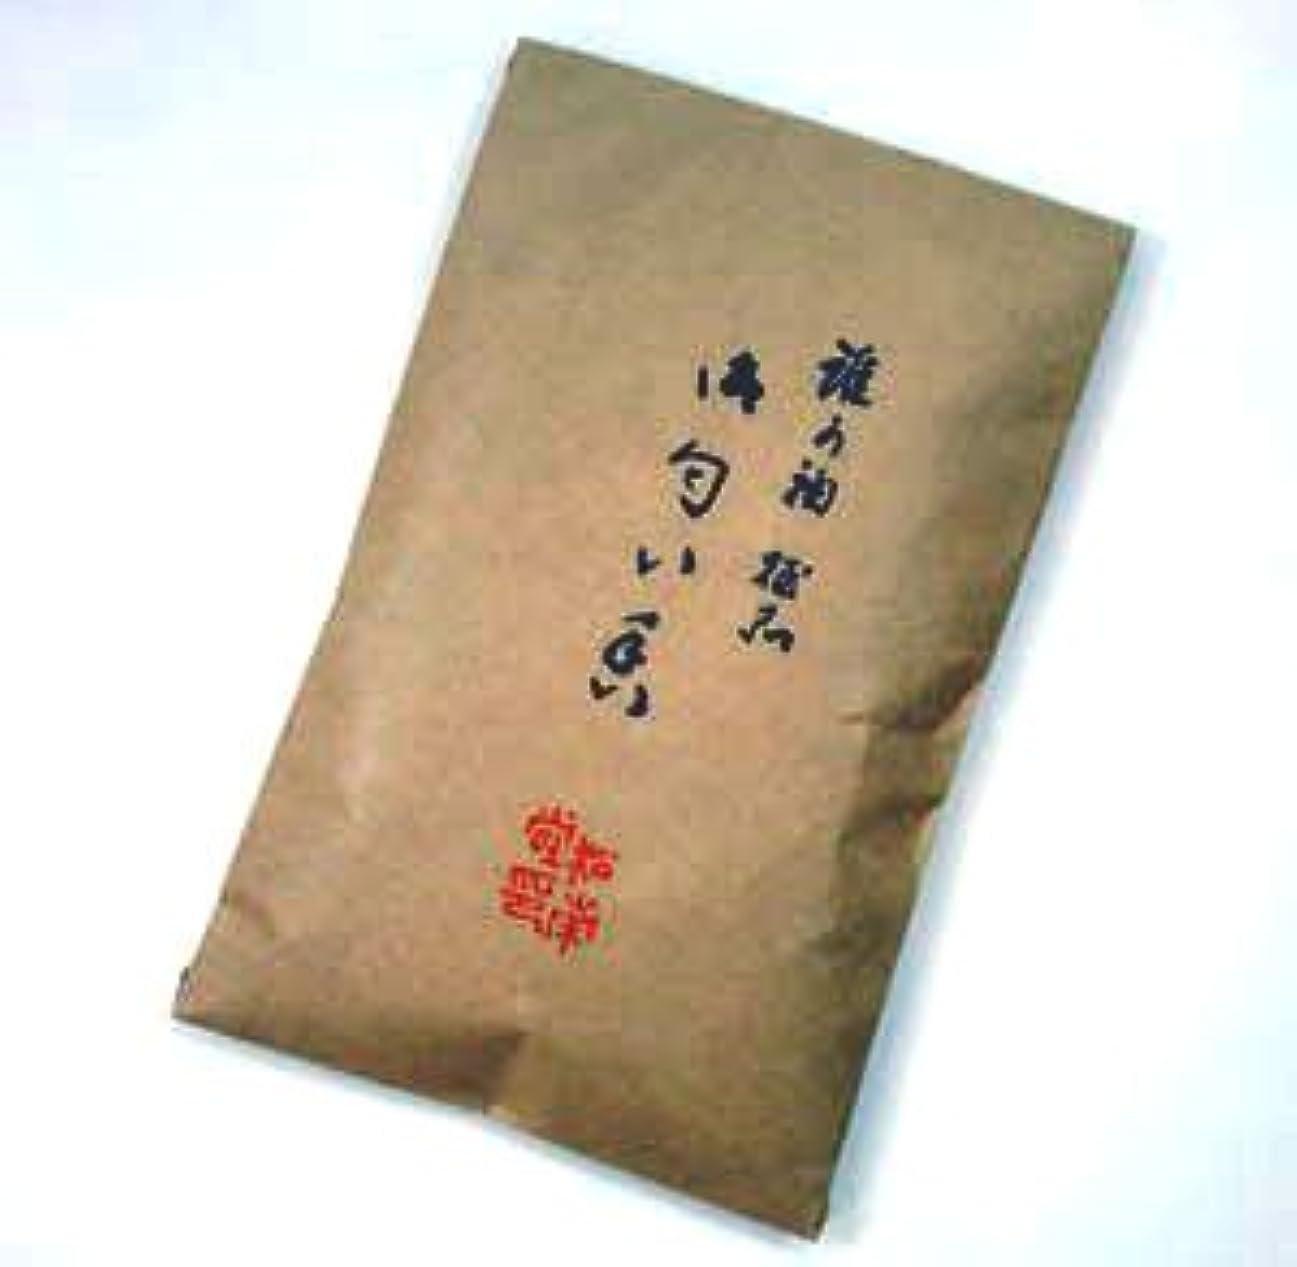 匂い袋用のお香(詰替え用) 「匂い香【極品】」